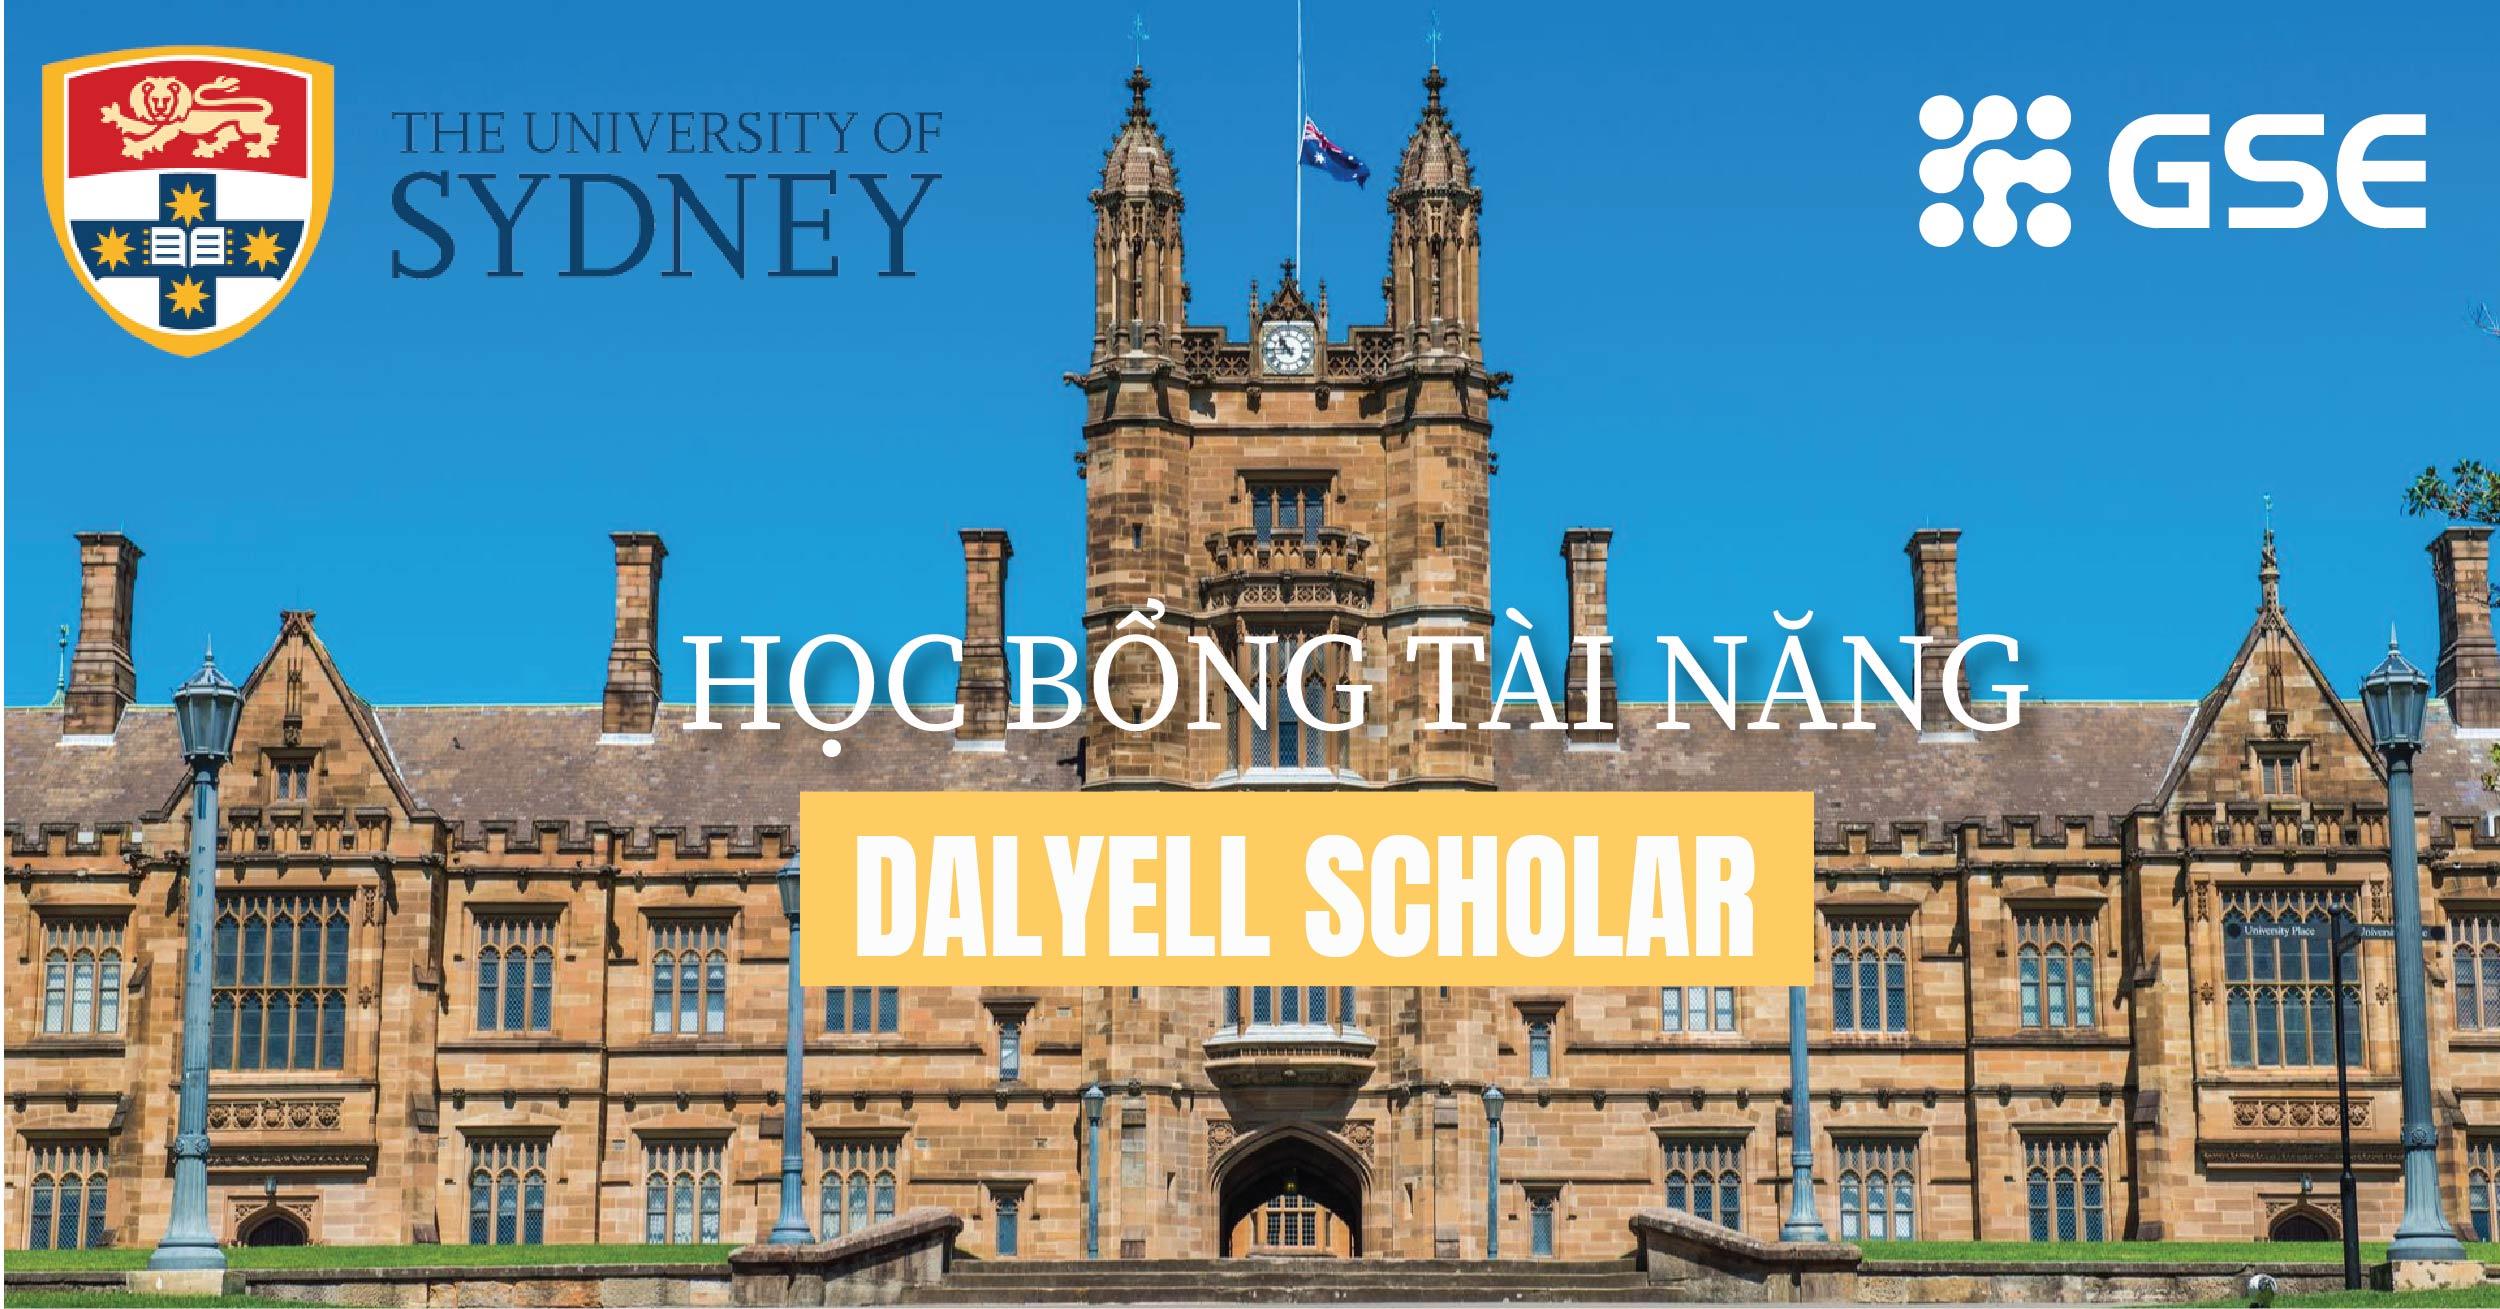 Hoc Bong Dai Hoc Sydney Dalyell 01